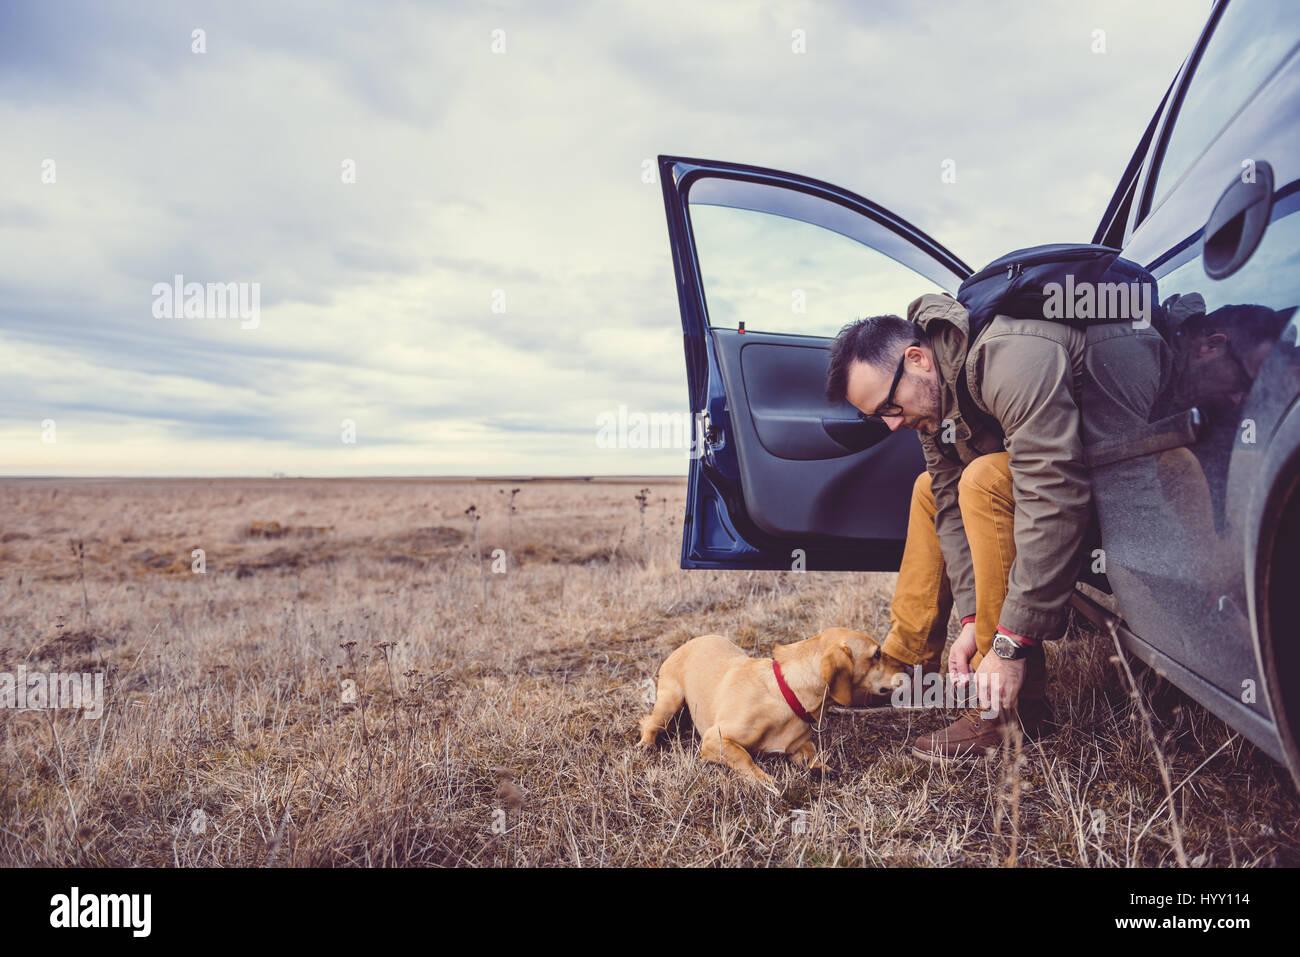 Escursionista seduto in macchina e preparare la loro calzature accanto a lui è un piccolo cane giallo Immagini Stock